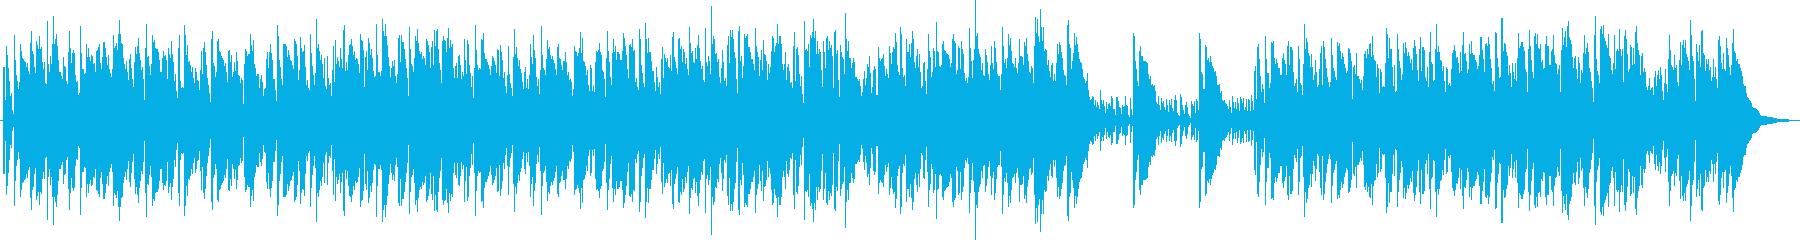 スティングとコリンズの間(創世記)の再生済みの波形